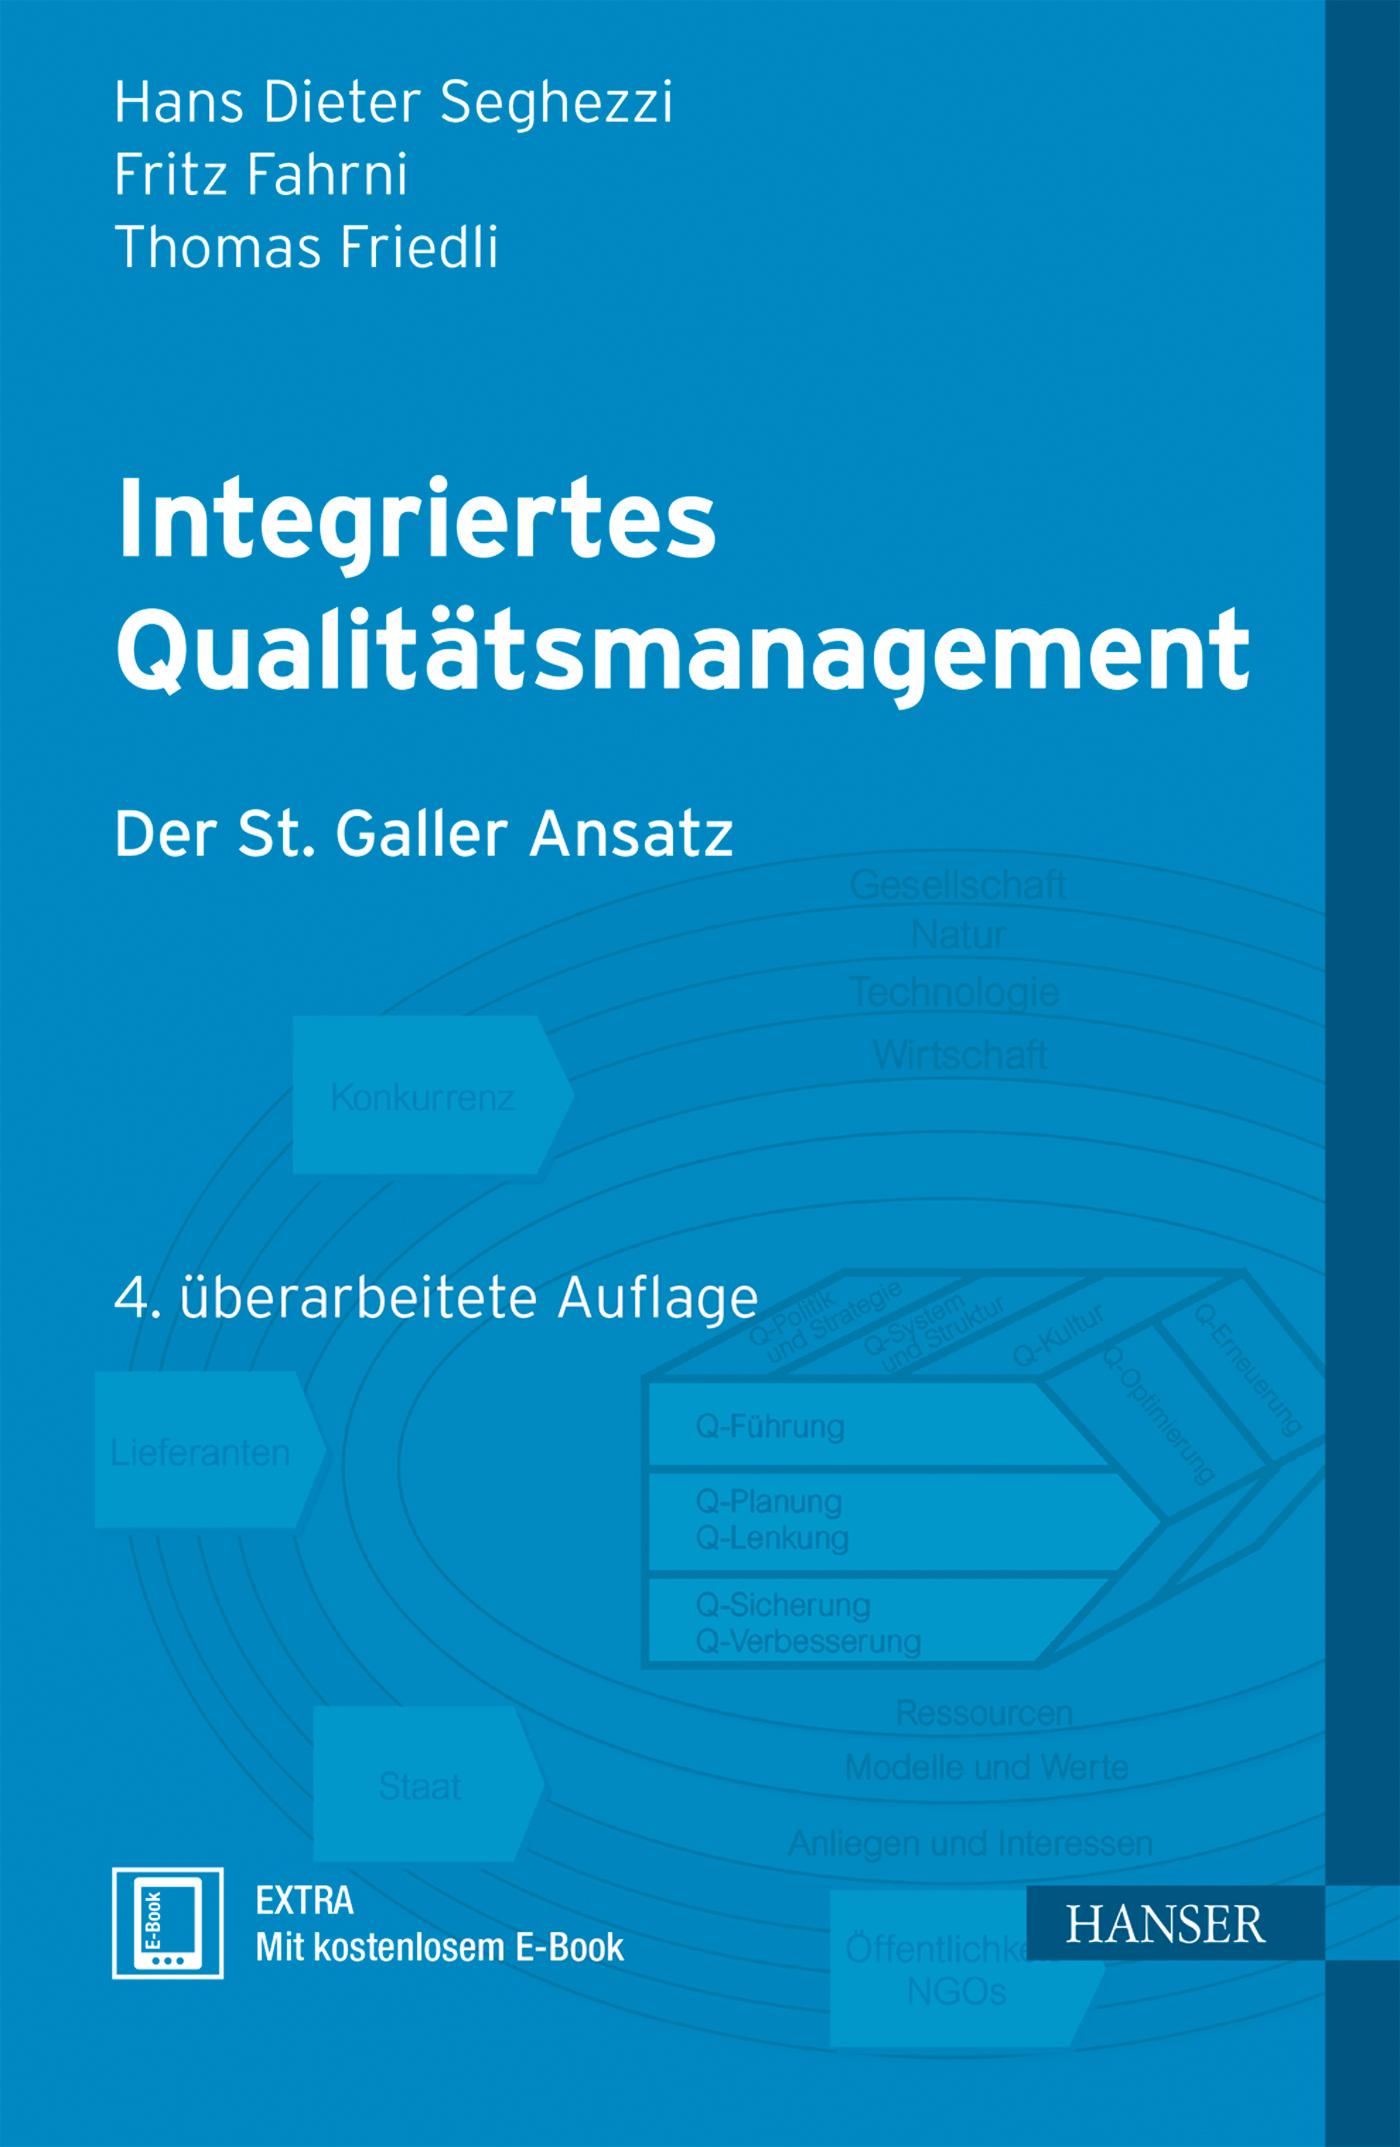 Seghezzi, Fahrni, Friedli, Integriertes Qualitätsmanagement, 978-3-446-43461-5